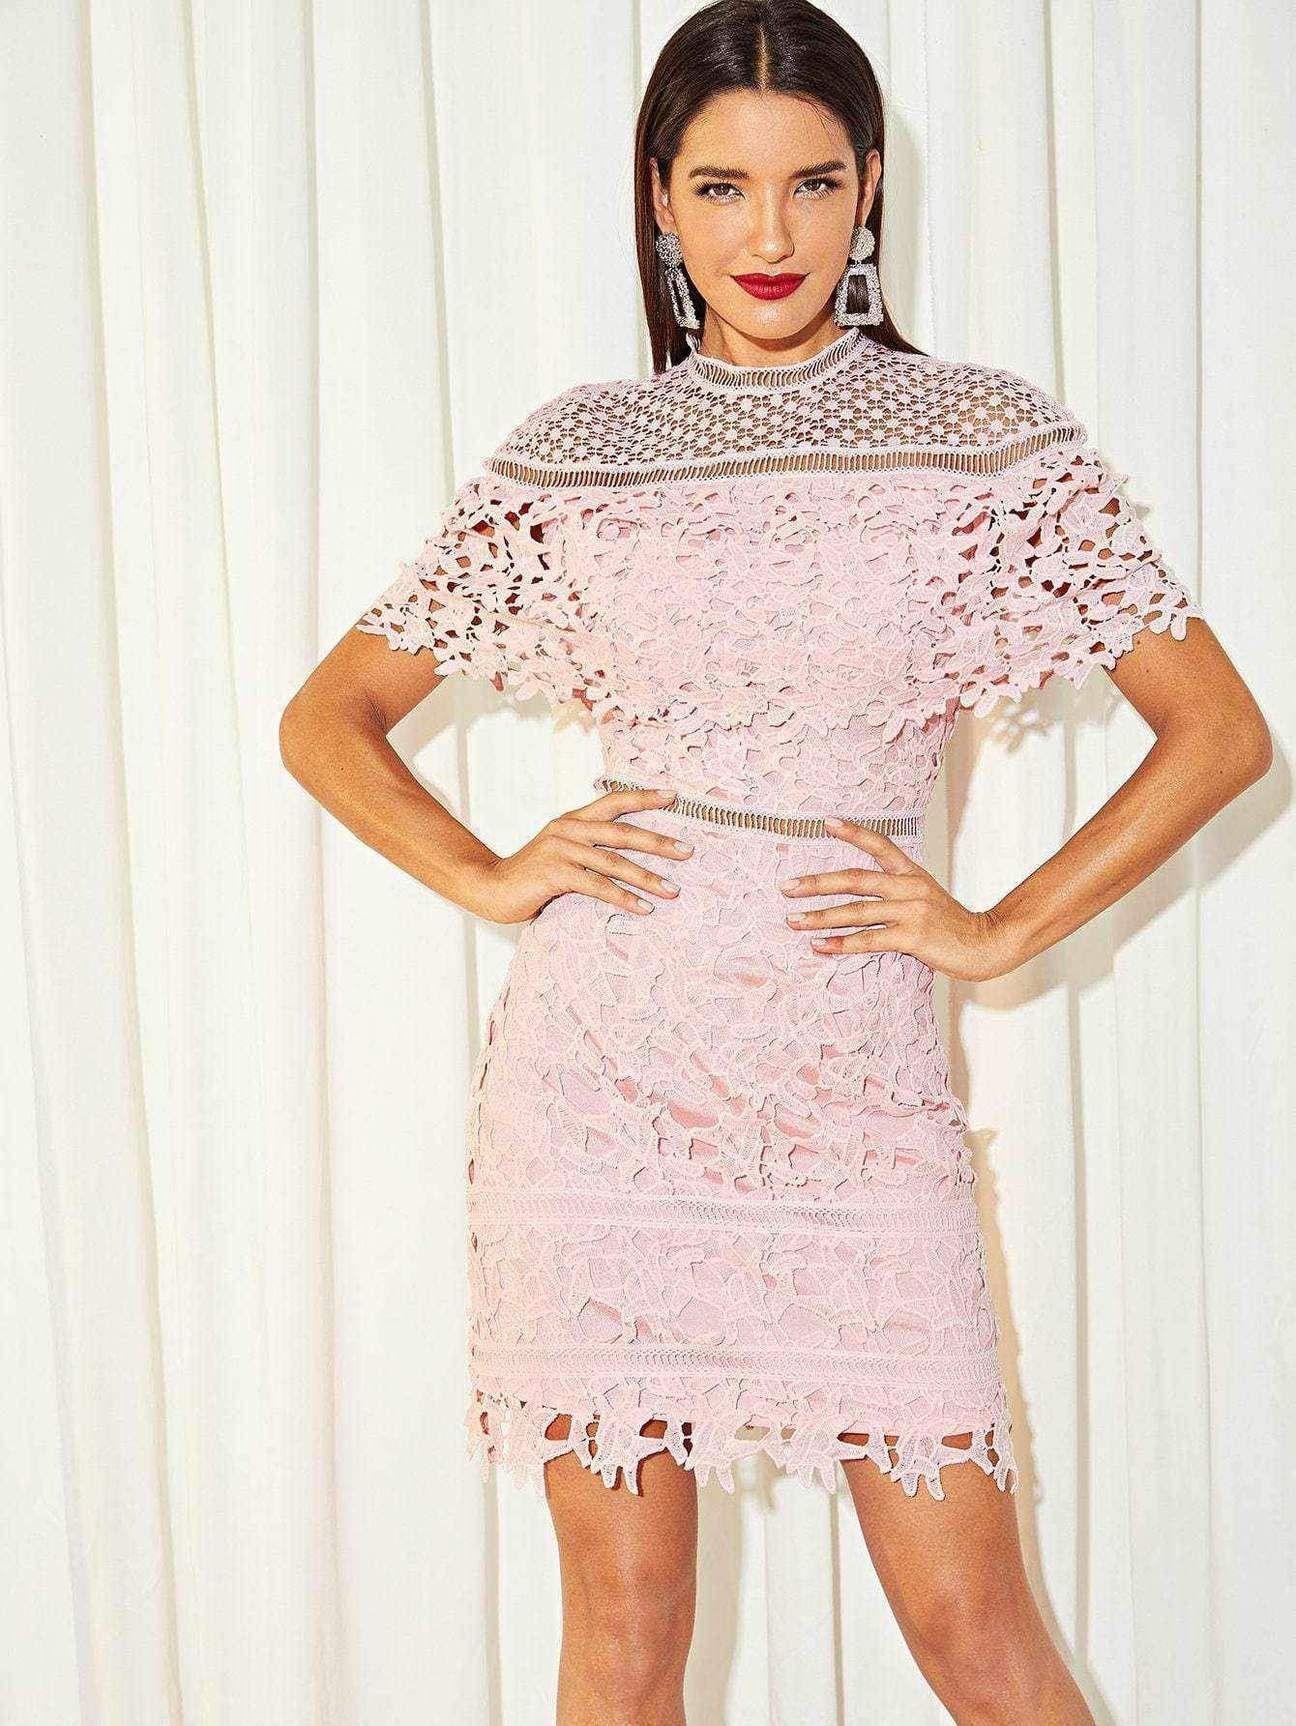 b855a953 Compra ropa para mujer en tallas grandes y regulares. Vendemos tal ...